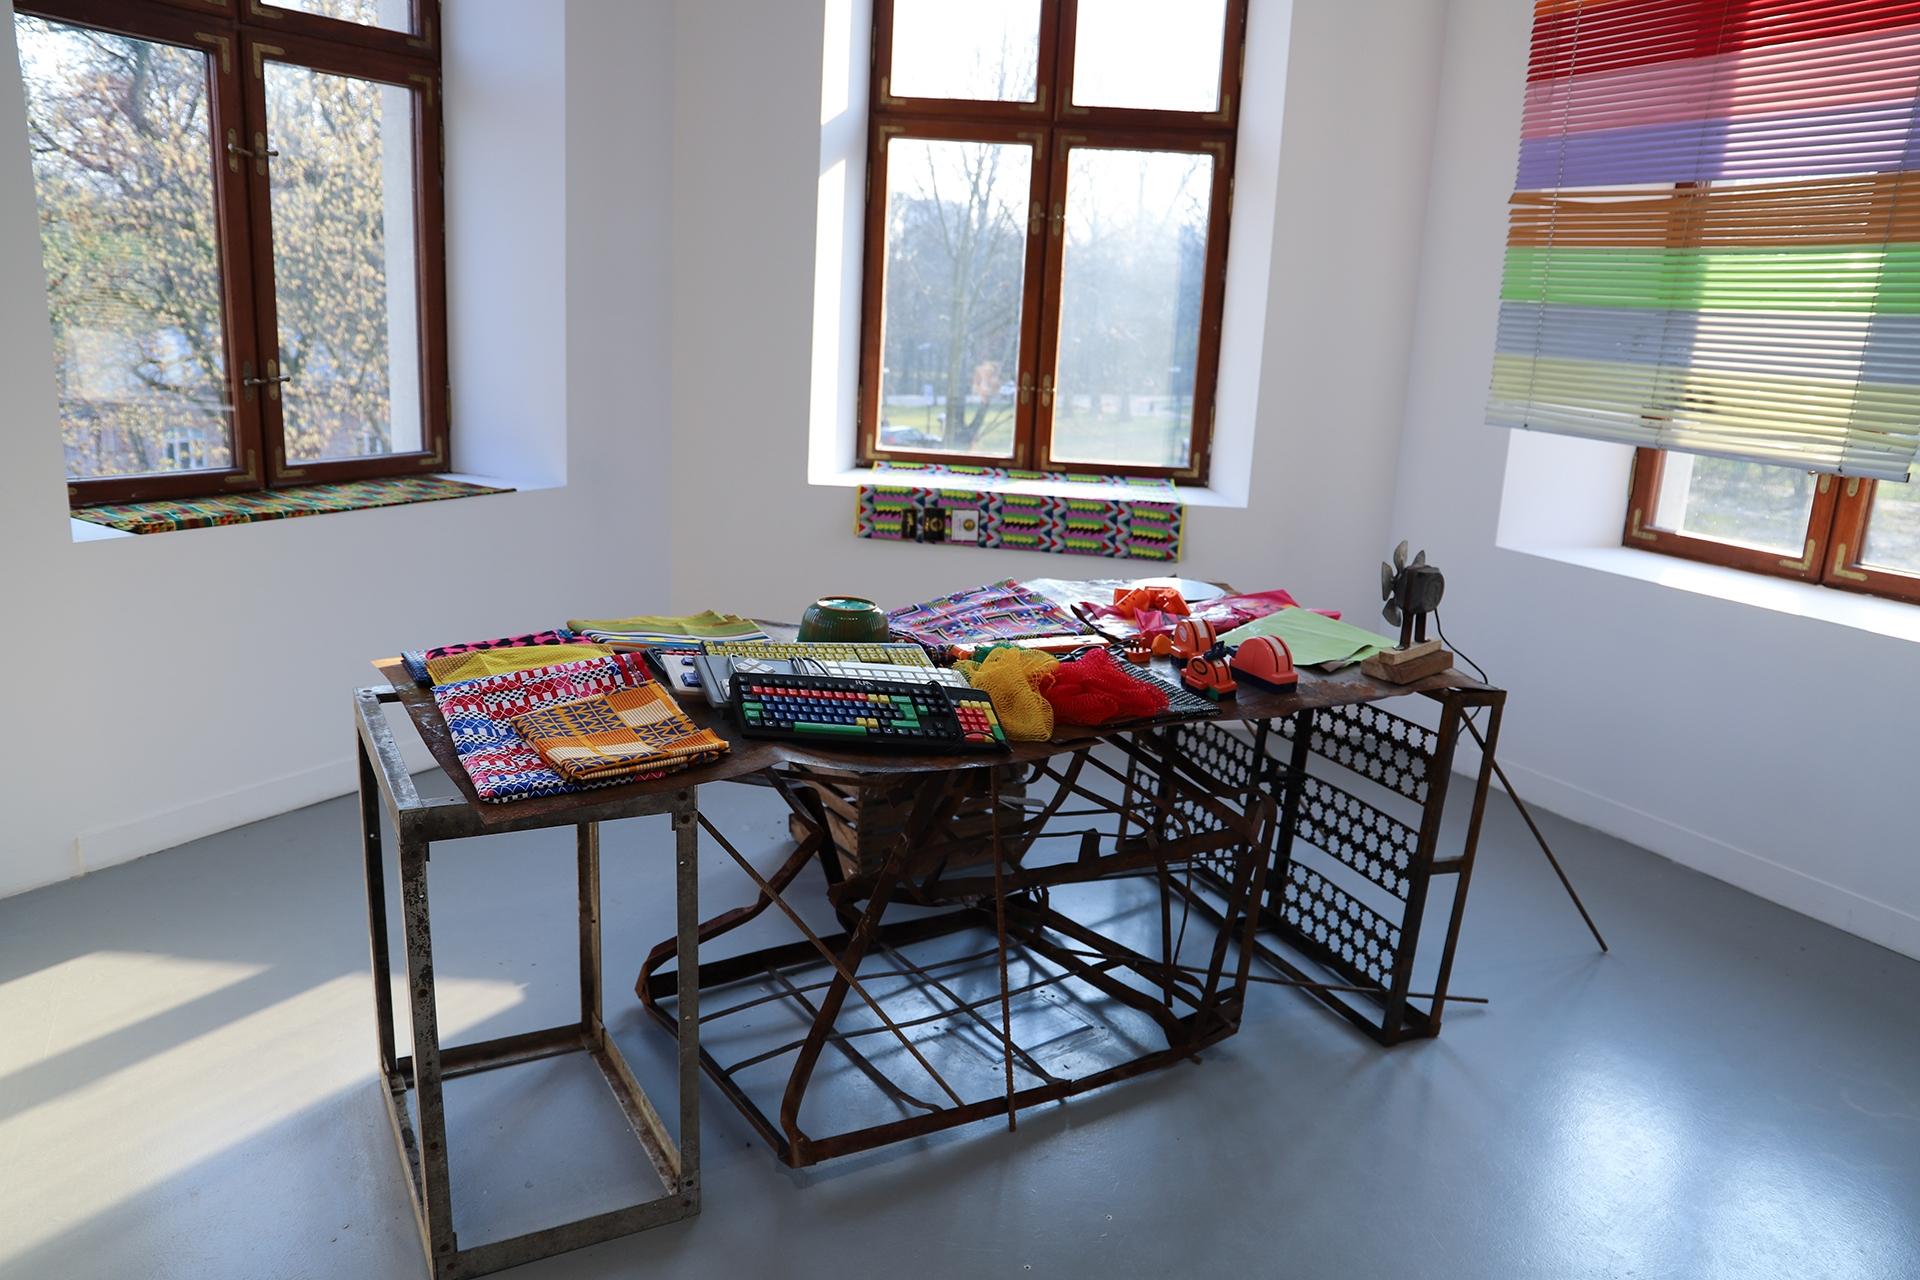 Fotografia przedstawia pomieszczenie, na środku którego stoi stolik z różnymi przedmiotami.